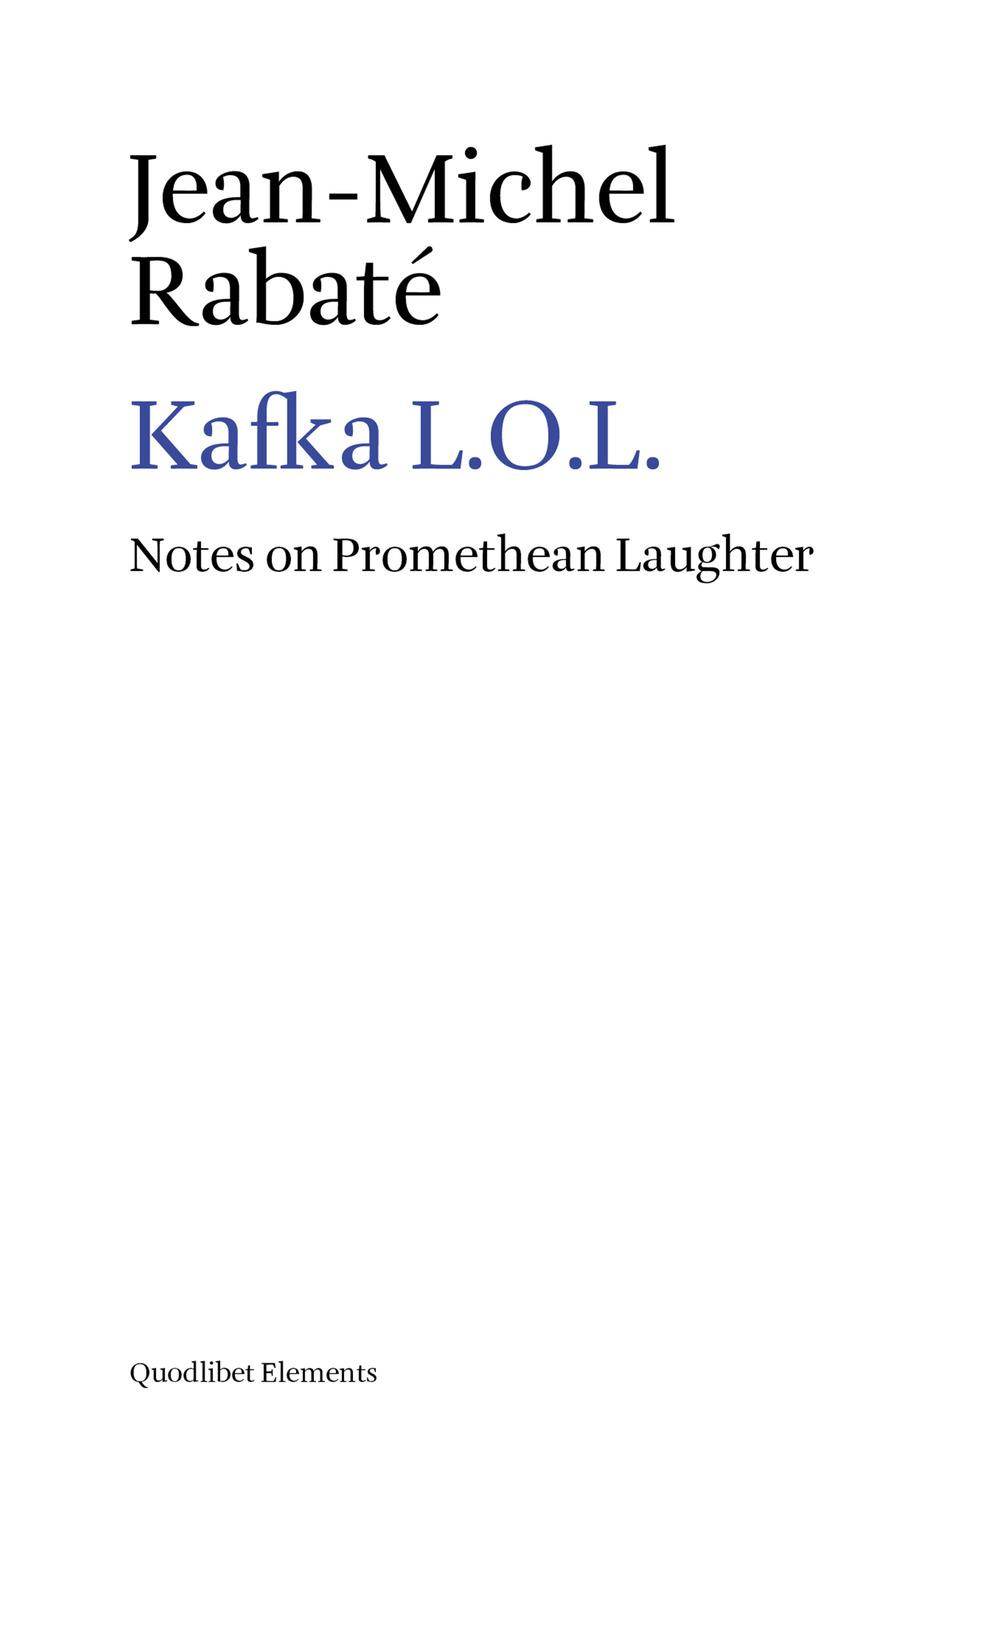 KAFKA L.O.L. NOTES ON PROMETHEAN LAUGHTER